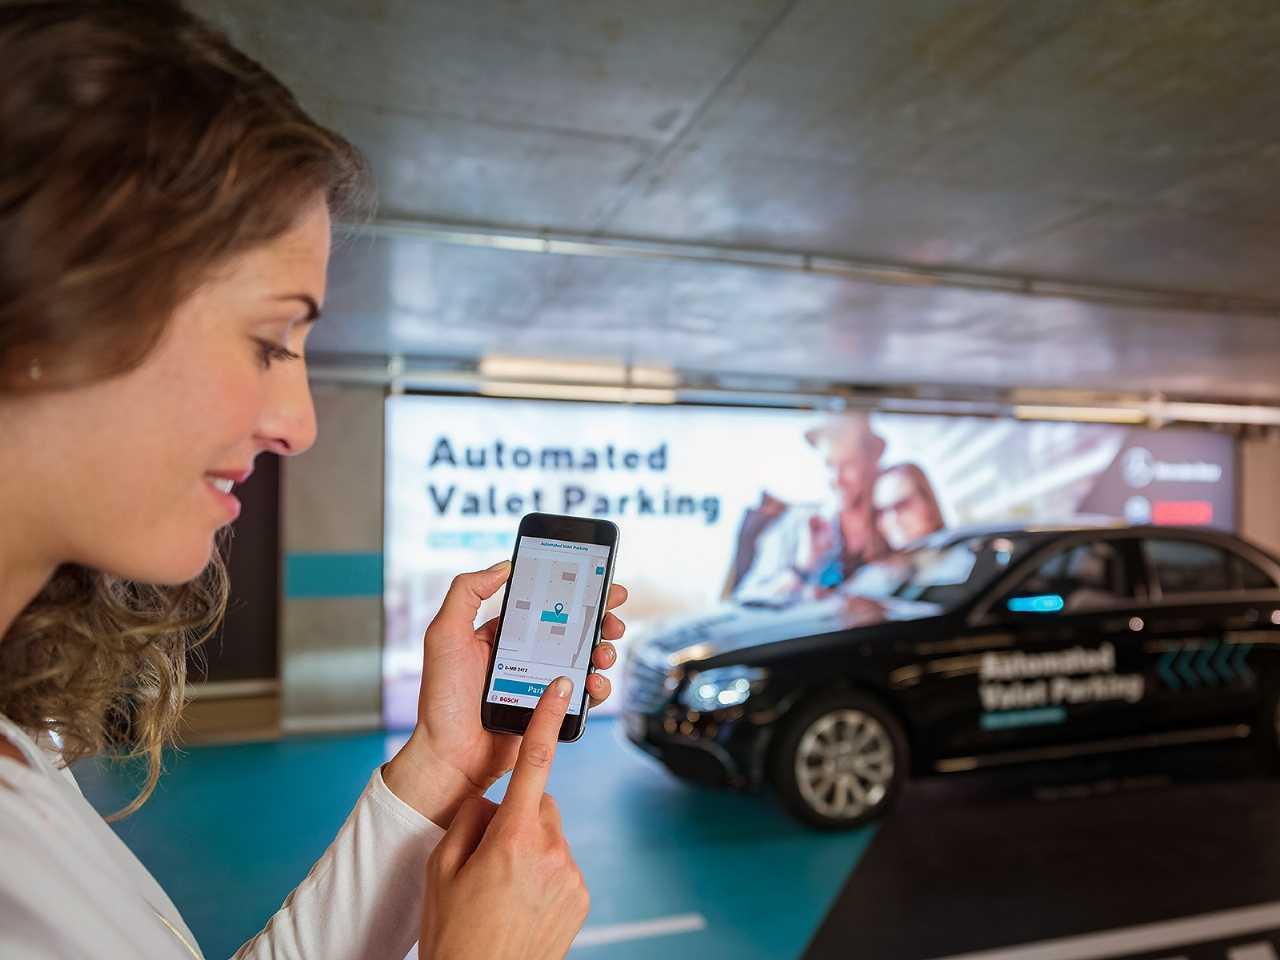 Detalhe do sistema de estacionamento automatizado da Mercedes-Benz e Bosch em funcionamento